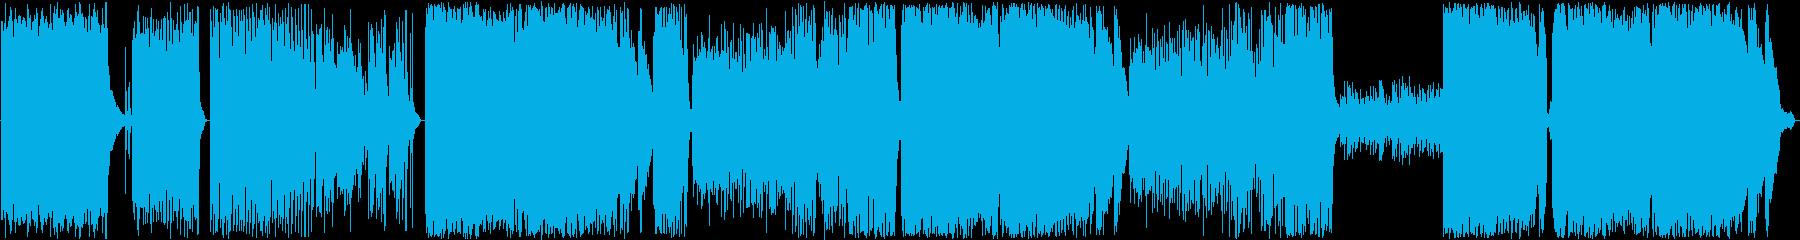 冬曲(フルバージョン、ピアノ・バイオリンの再生済みの波形